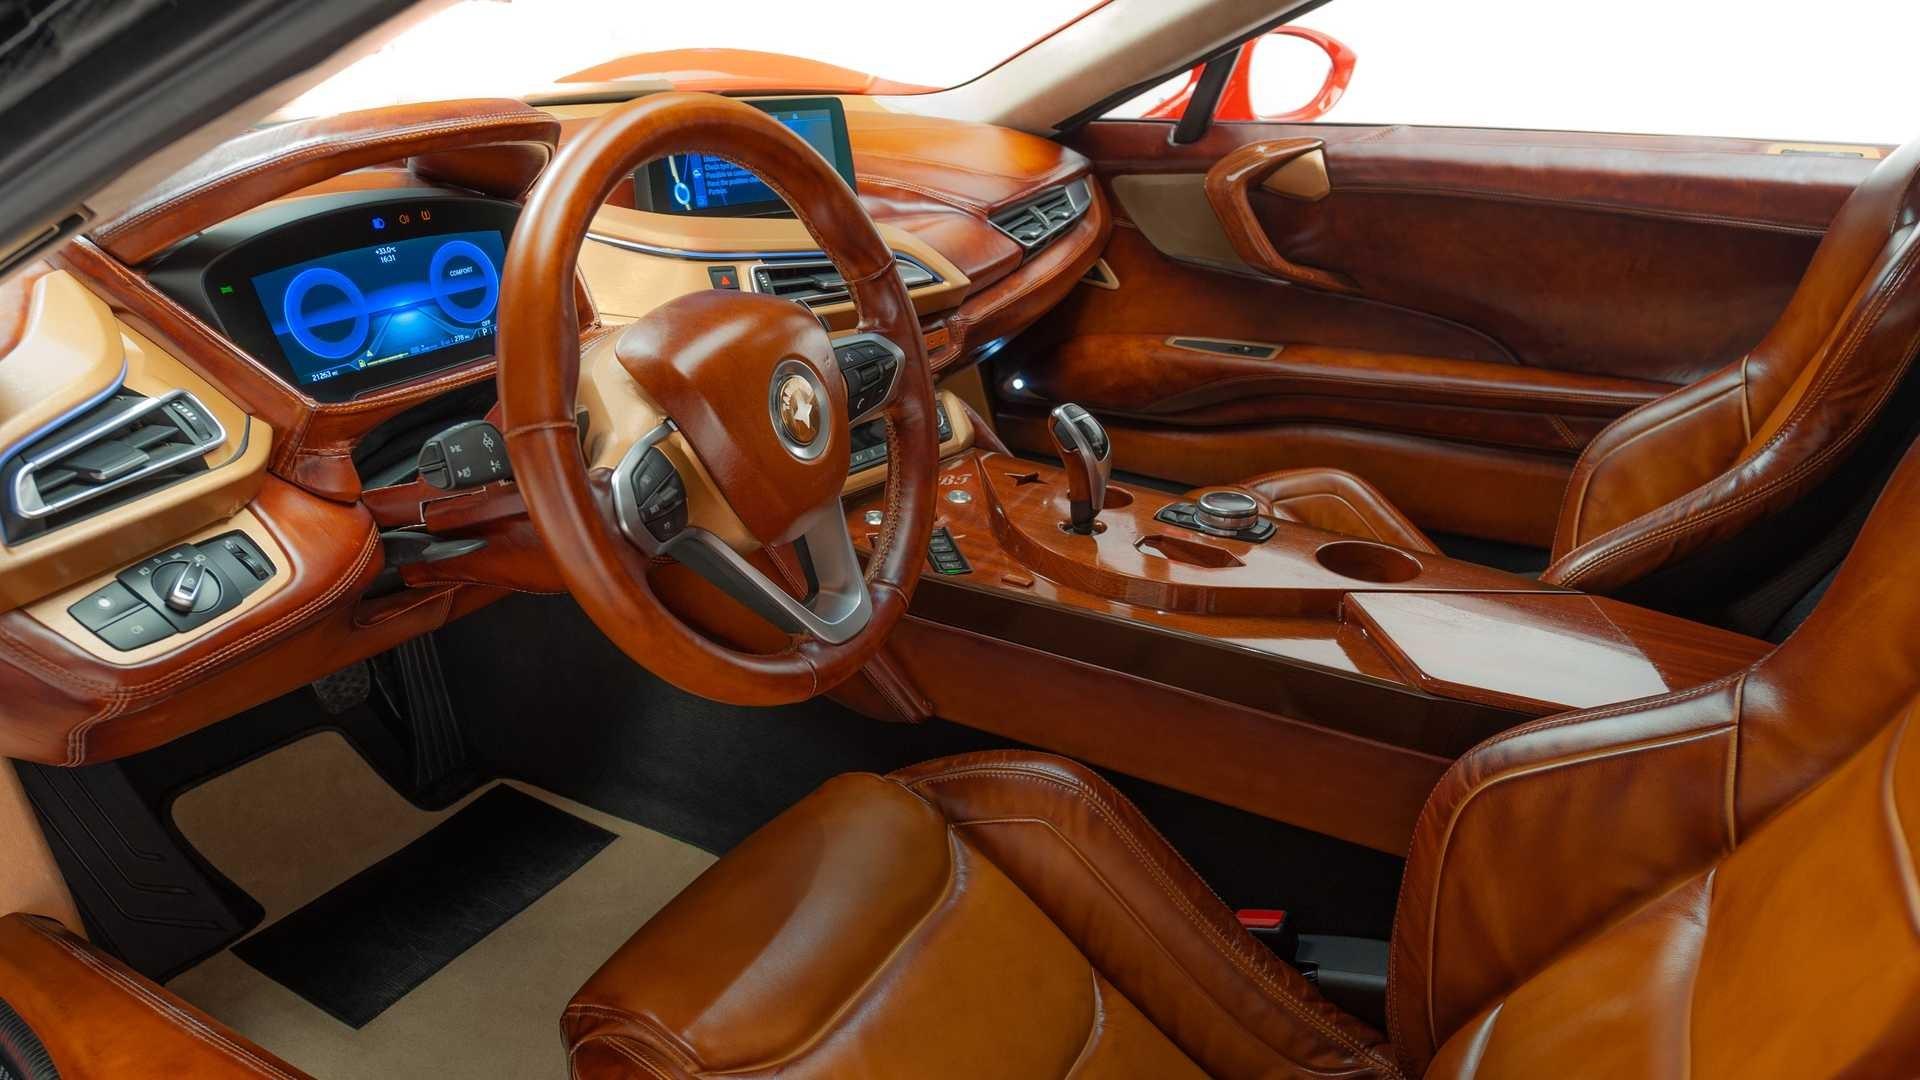 Снятый с производства BMW i8 превратился в итальянский спорткар Taraschi Berardo